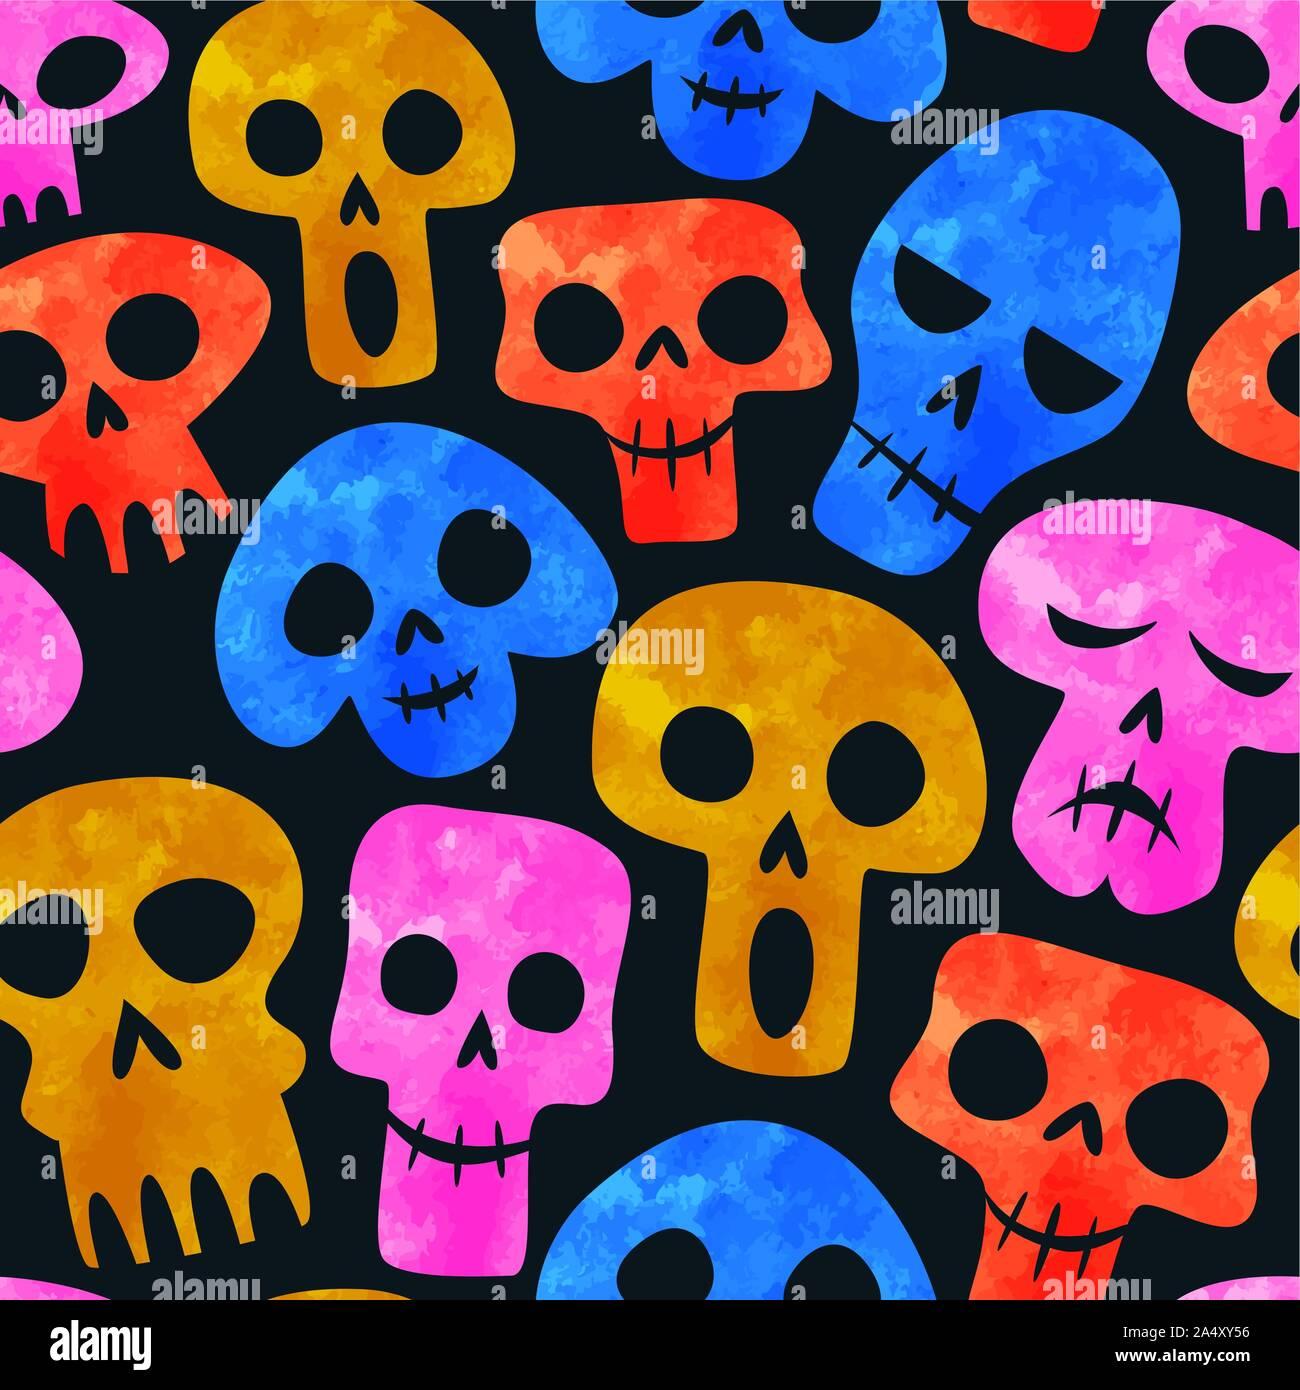 Aquarelle de couleur transparente, motif crâne émoticône funny cartoon squelette visage pour le Jour des morts ou d'halloween de l'arrière-plan. Illustration de Vecteur